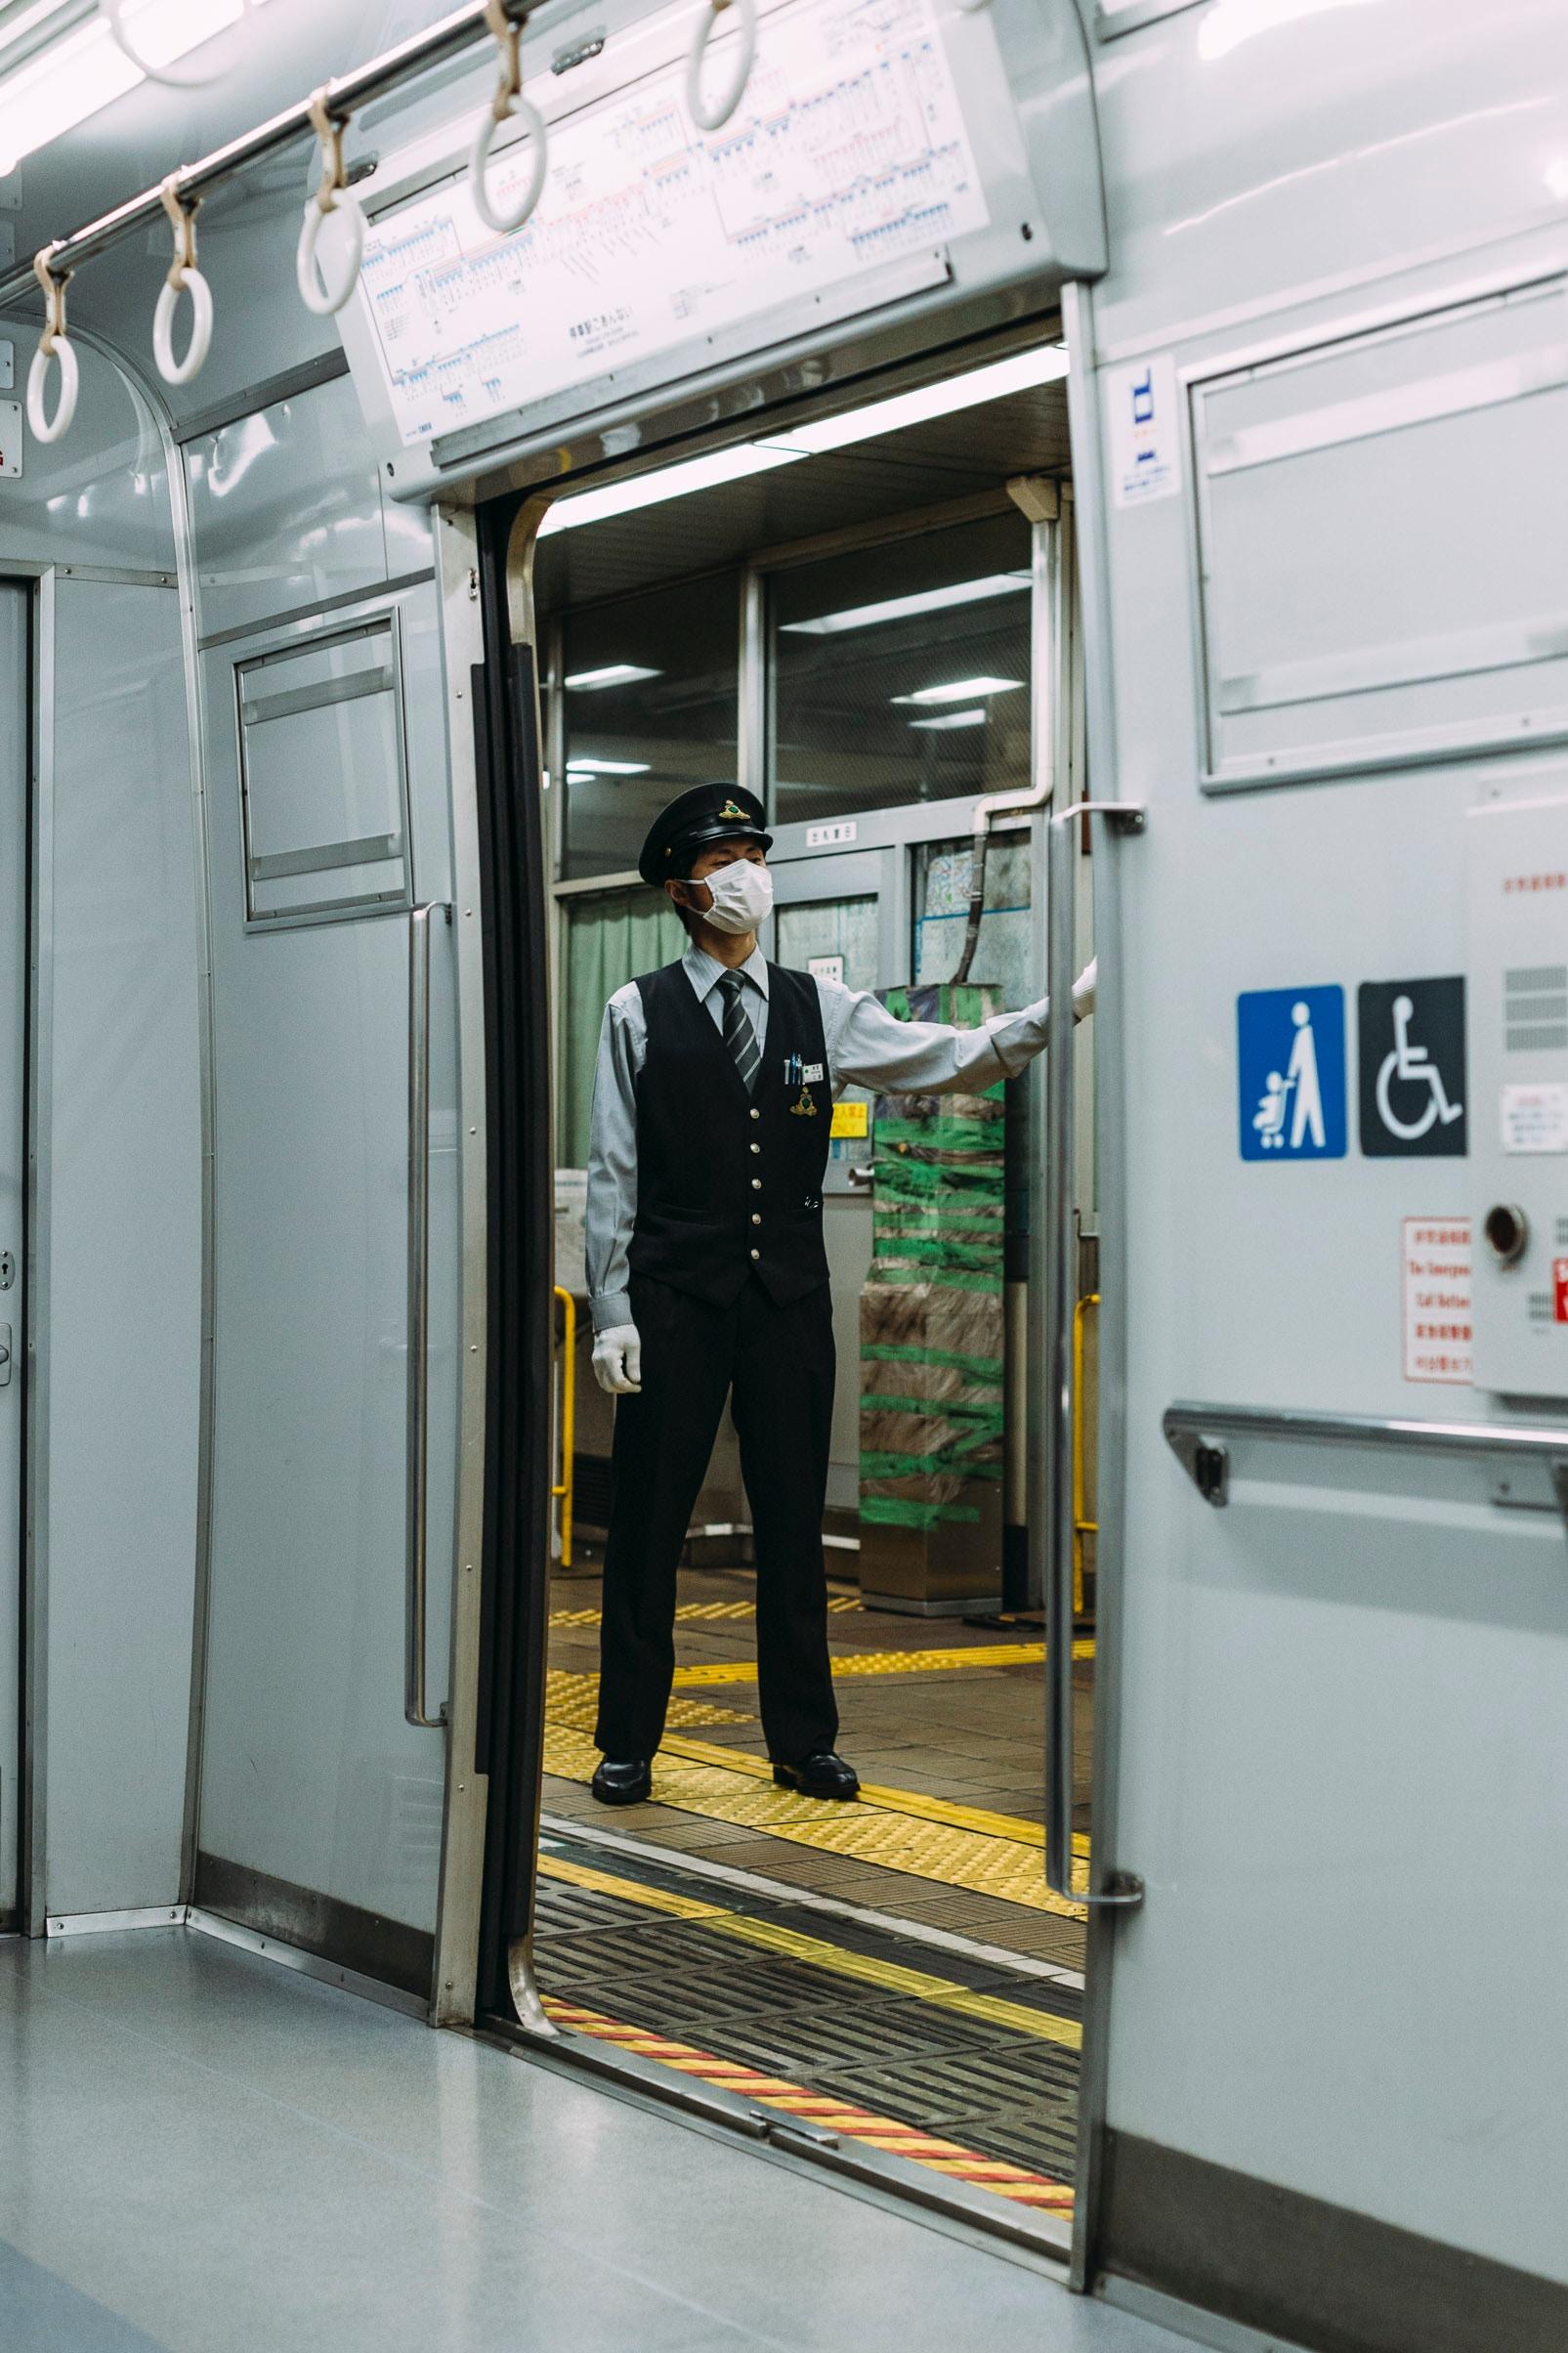 Öffentliche Verkehrsmittel in Japan